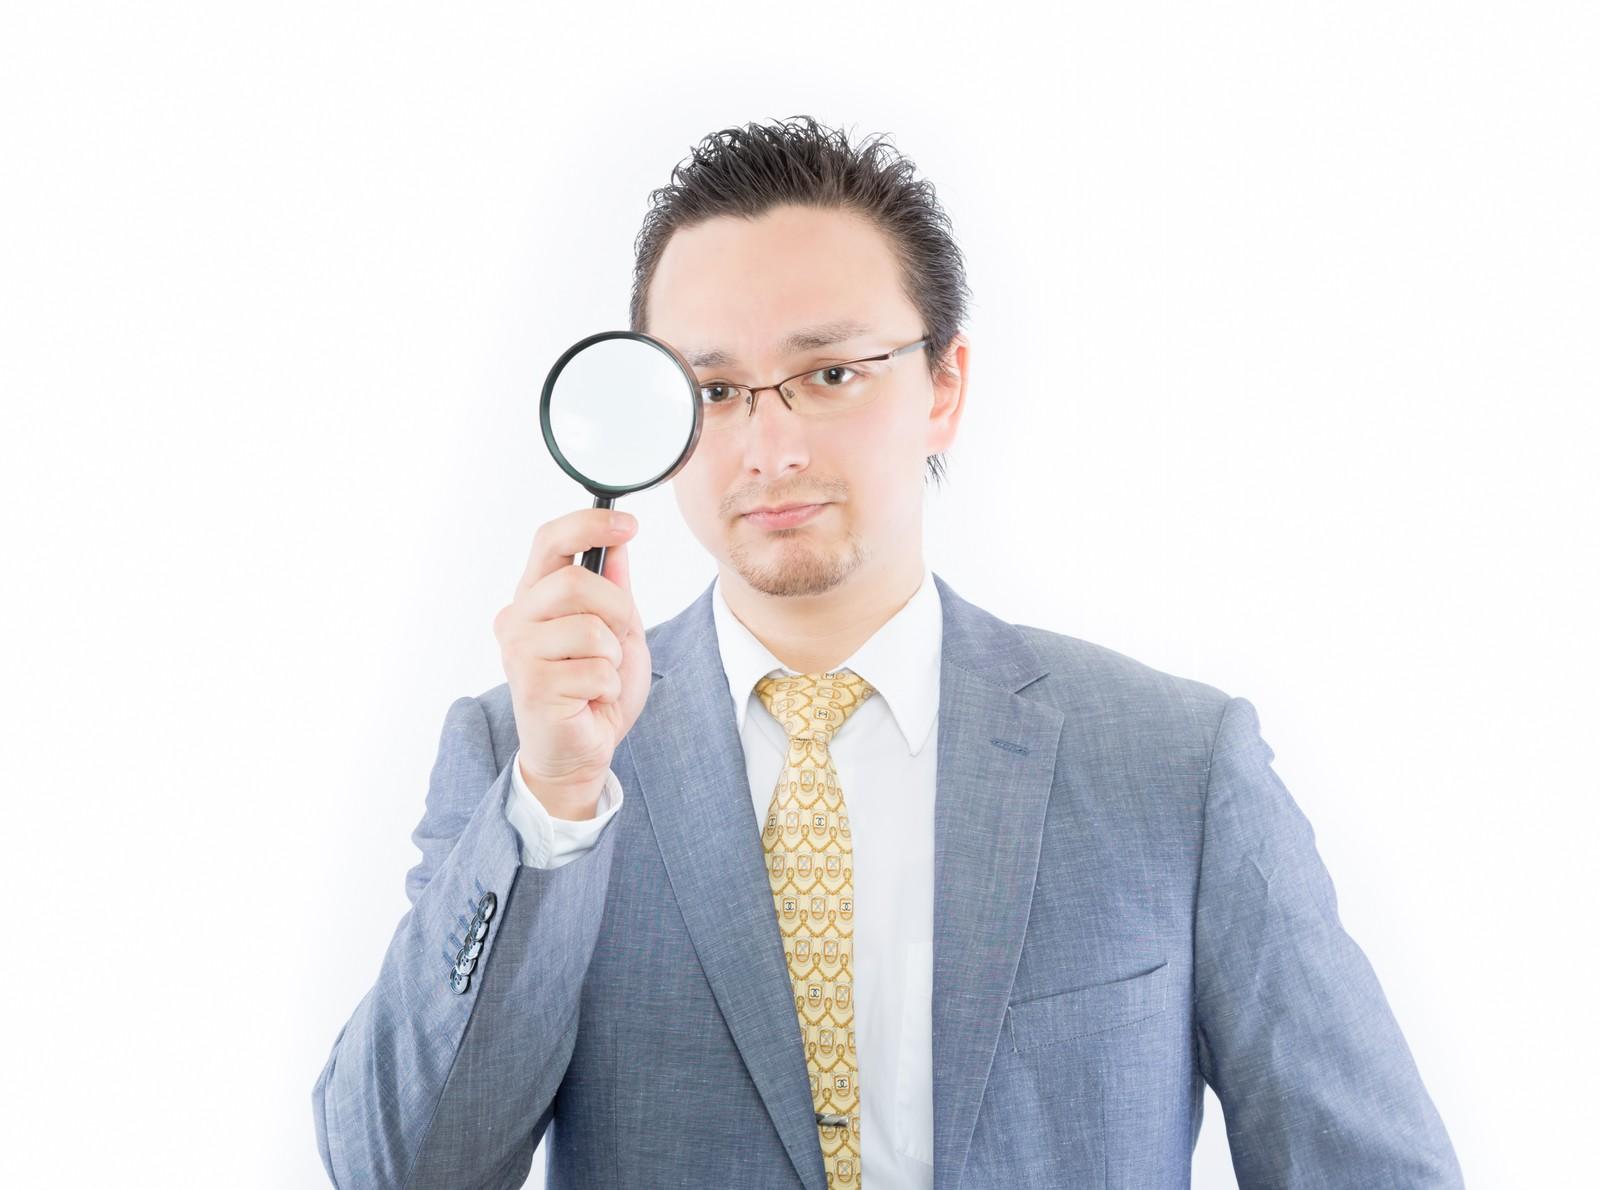 虫めがねを持ってる男性の画像